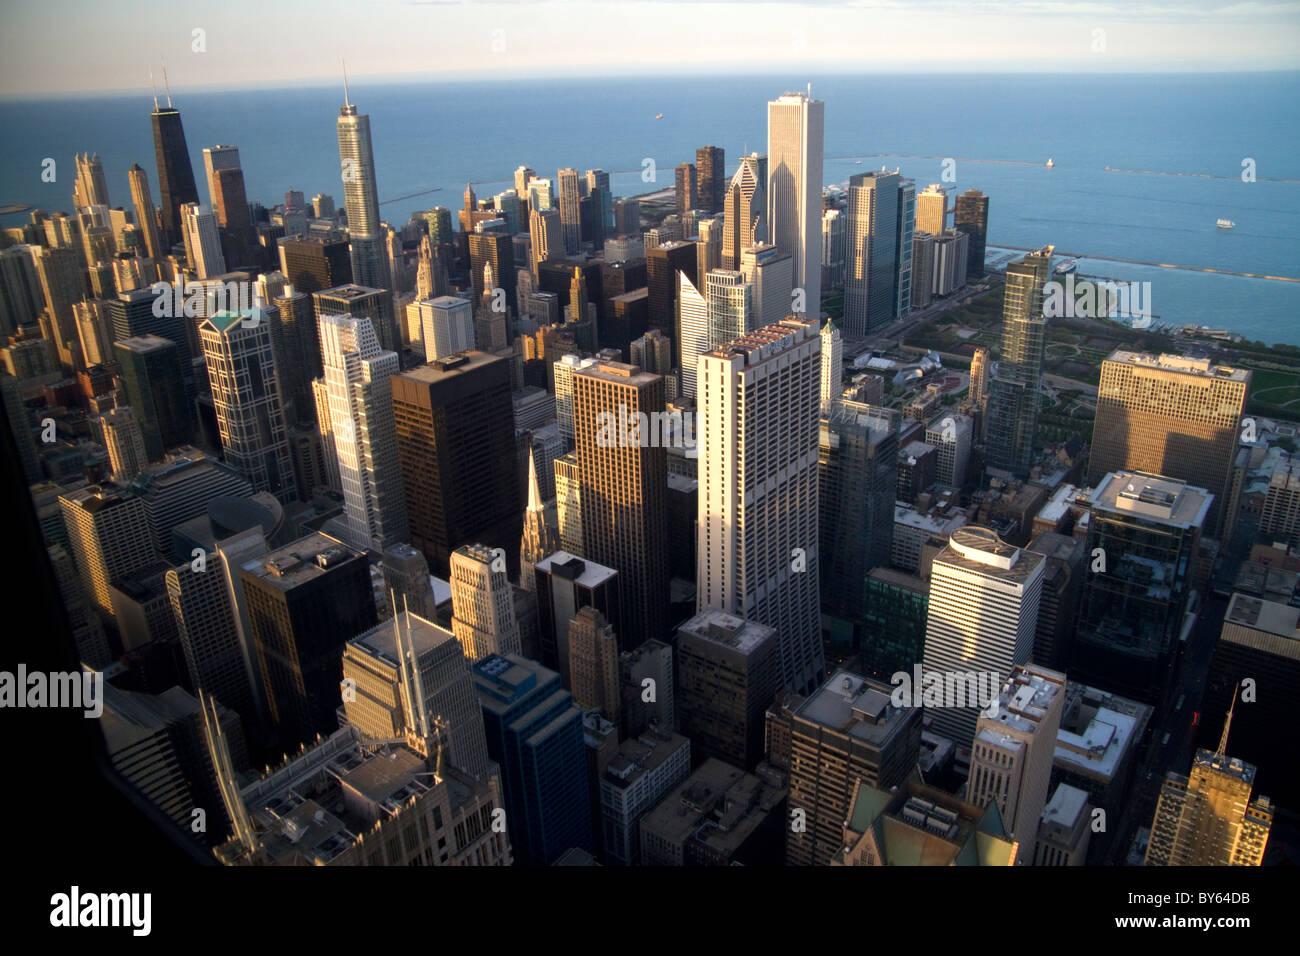 Vista aérea de la ciudad y el Lago Michigan waterfront de la Willis Tower en Chicago, Illinois, Estados Unidos. Imagen De Stock